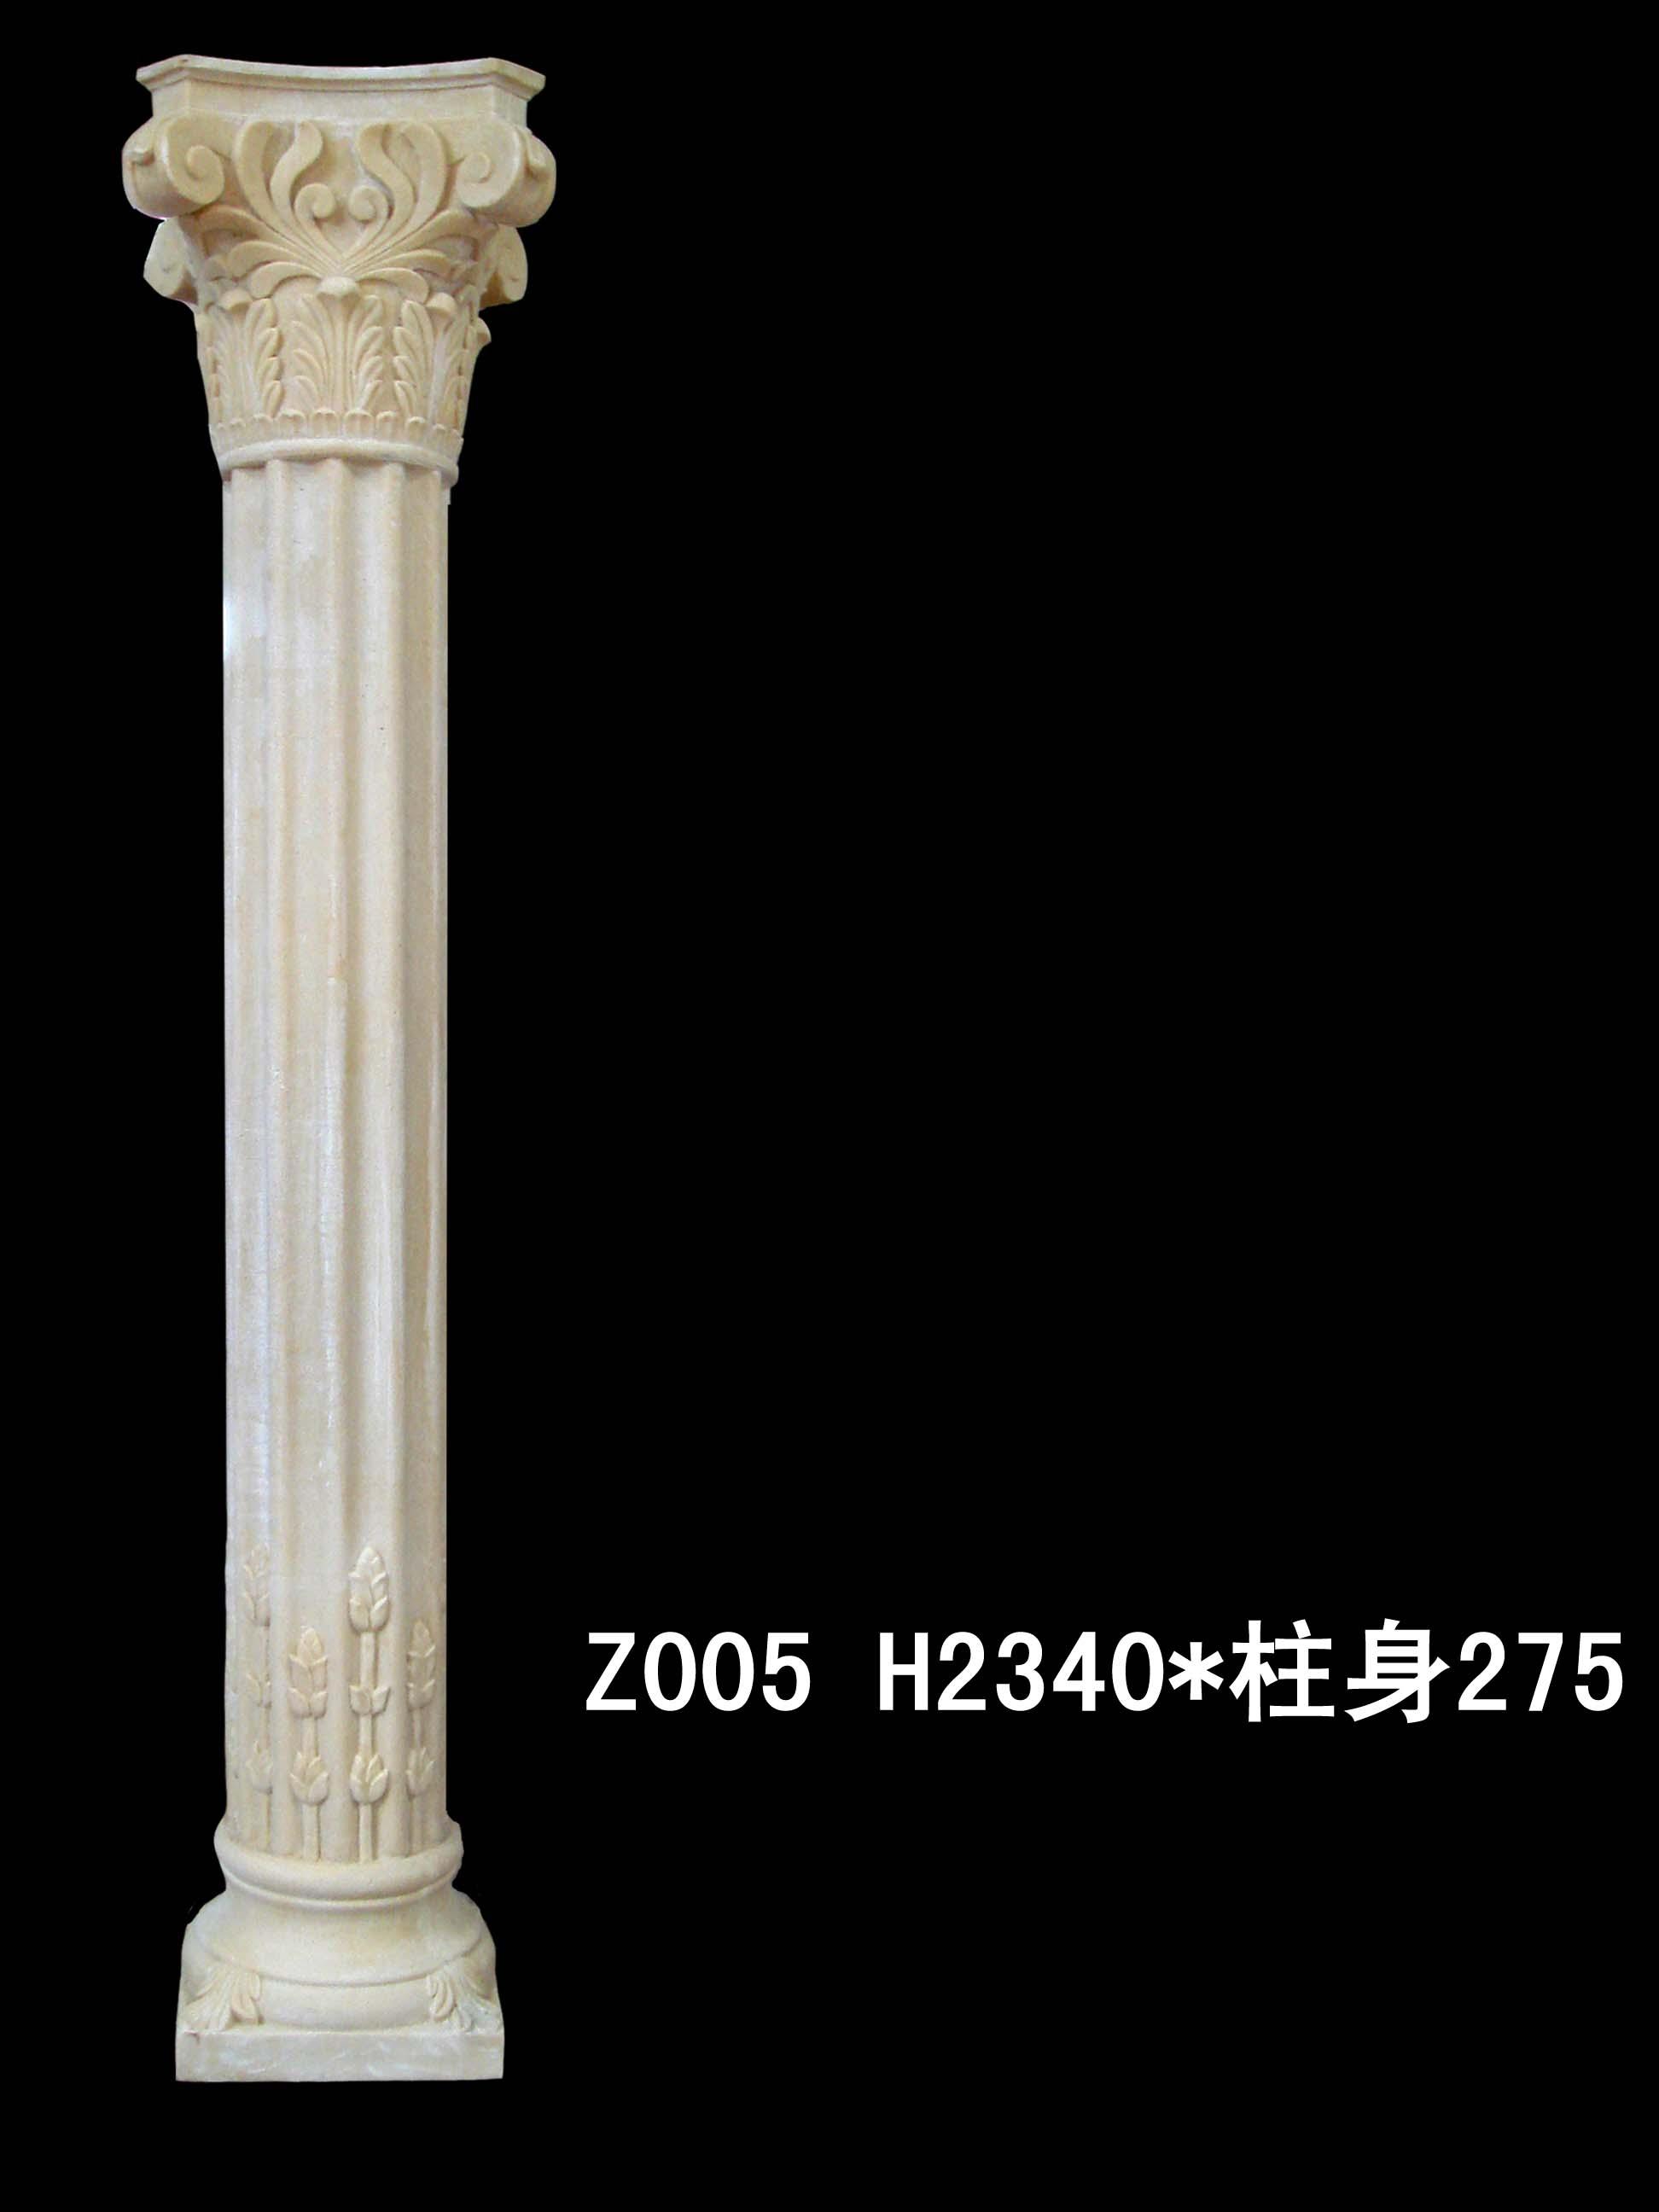 深圳厂沙岩 沙岩罗马柱 效果图,产品图,型号高清图片